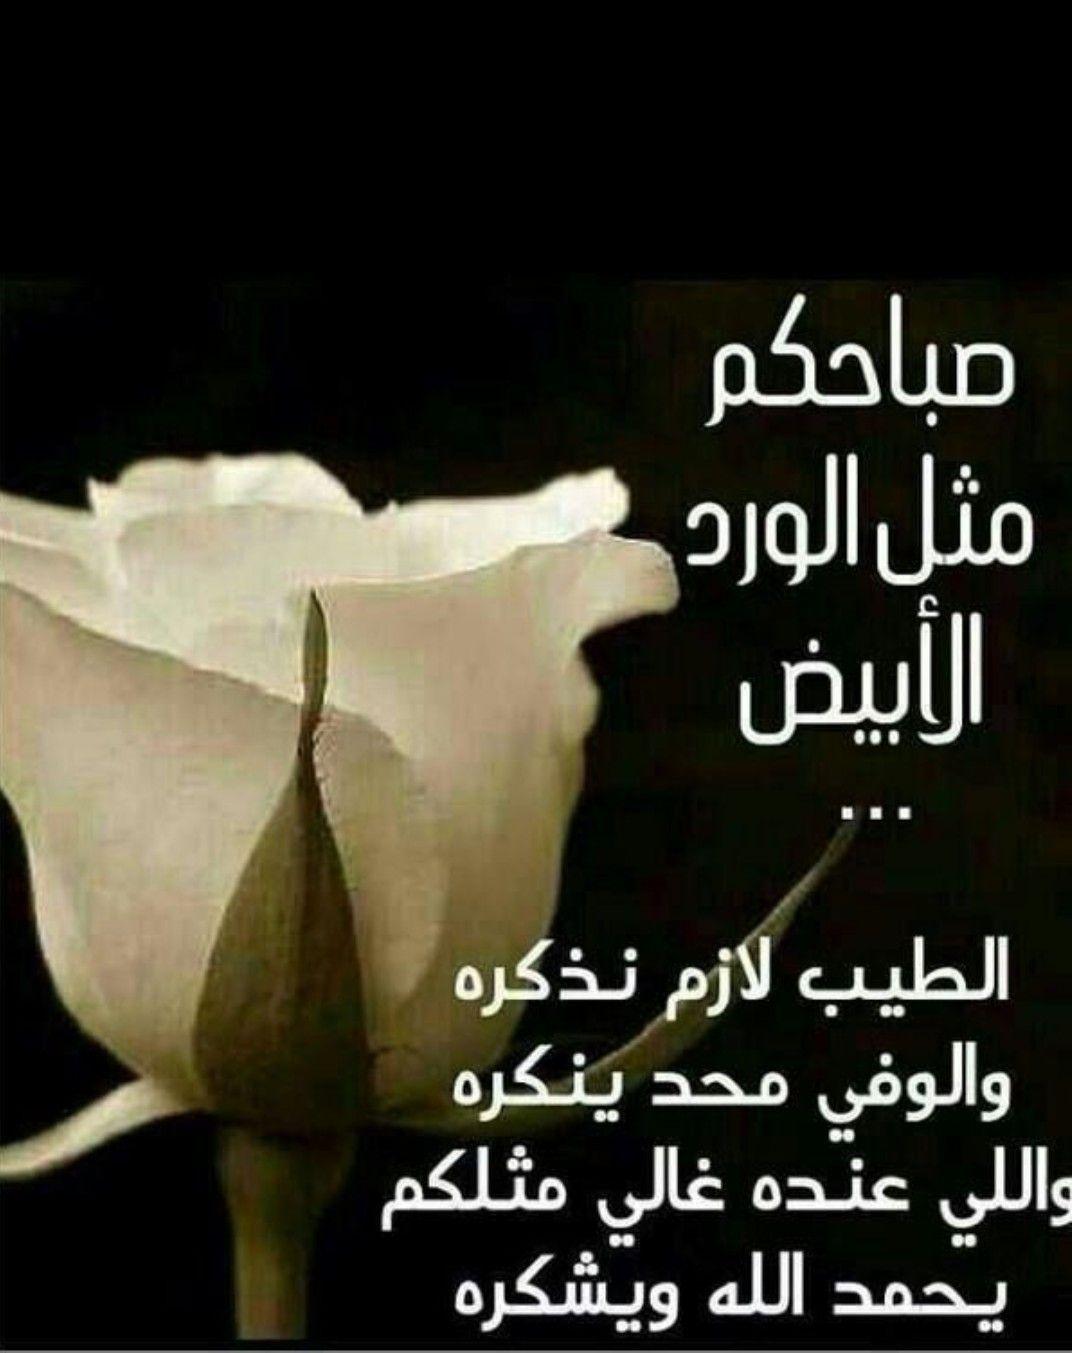 بالصور شعر صباح الخير حبيبتي , صور اشعار صباح الخيرات للاحبه 2447 2